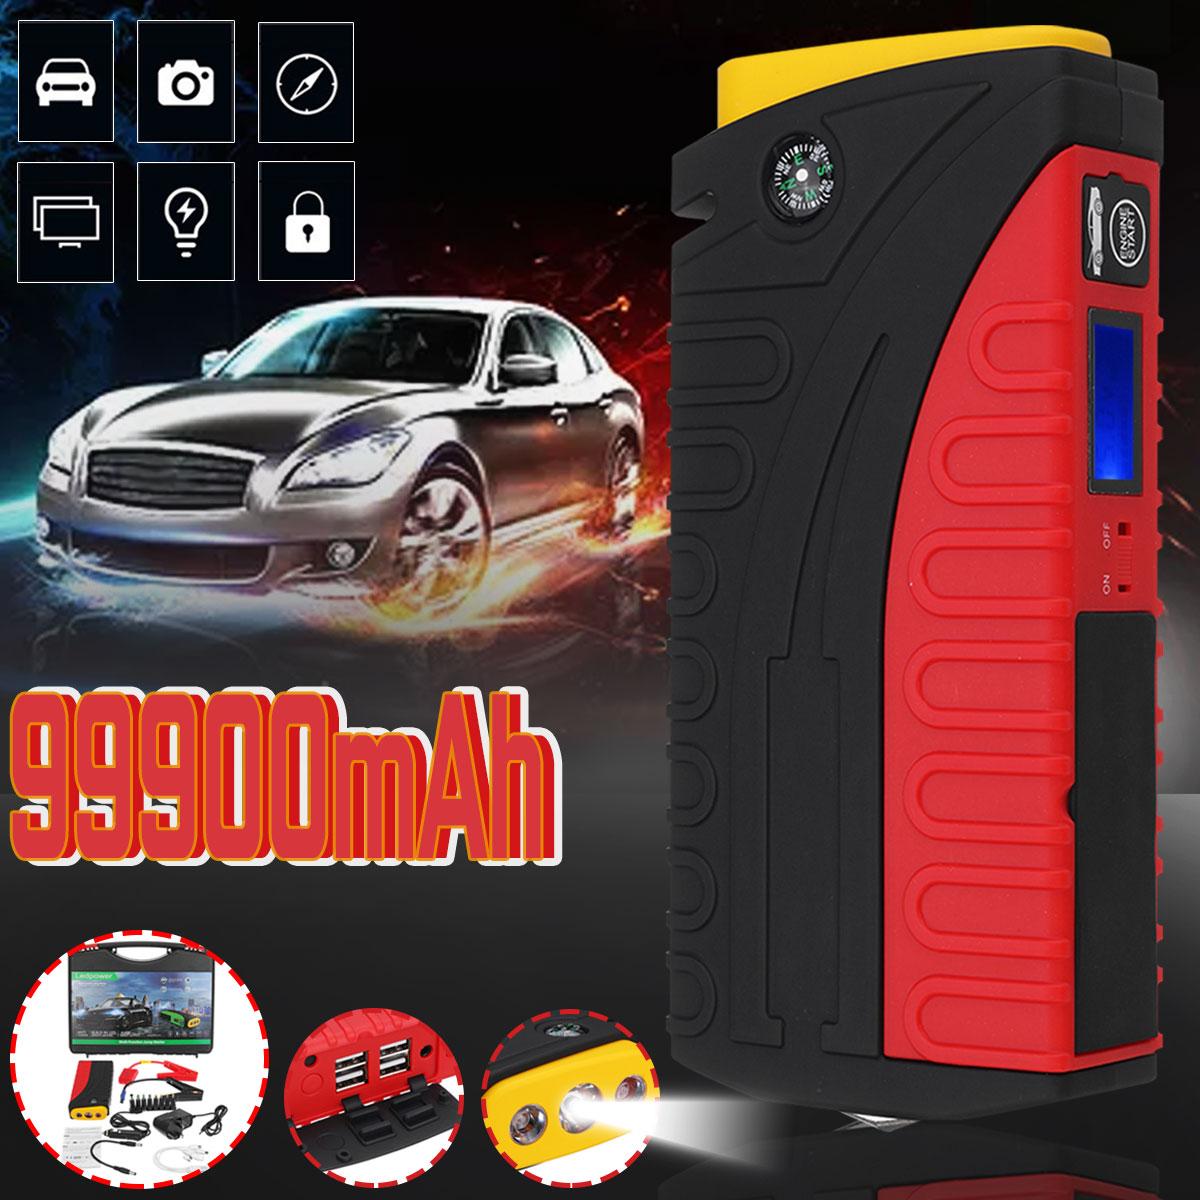 99900 mAh 12 V 600A LED démarreur de démarrage de saut de voiture grande capacit2 de batterie externe Booster 4 USB voiture chargeur de secours batterie étanche